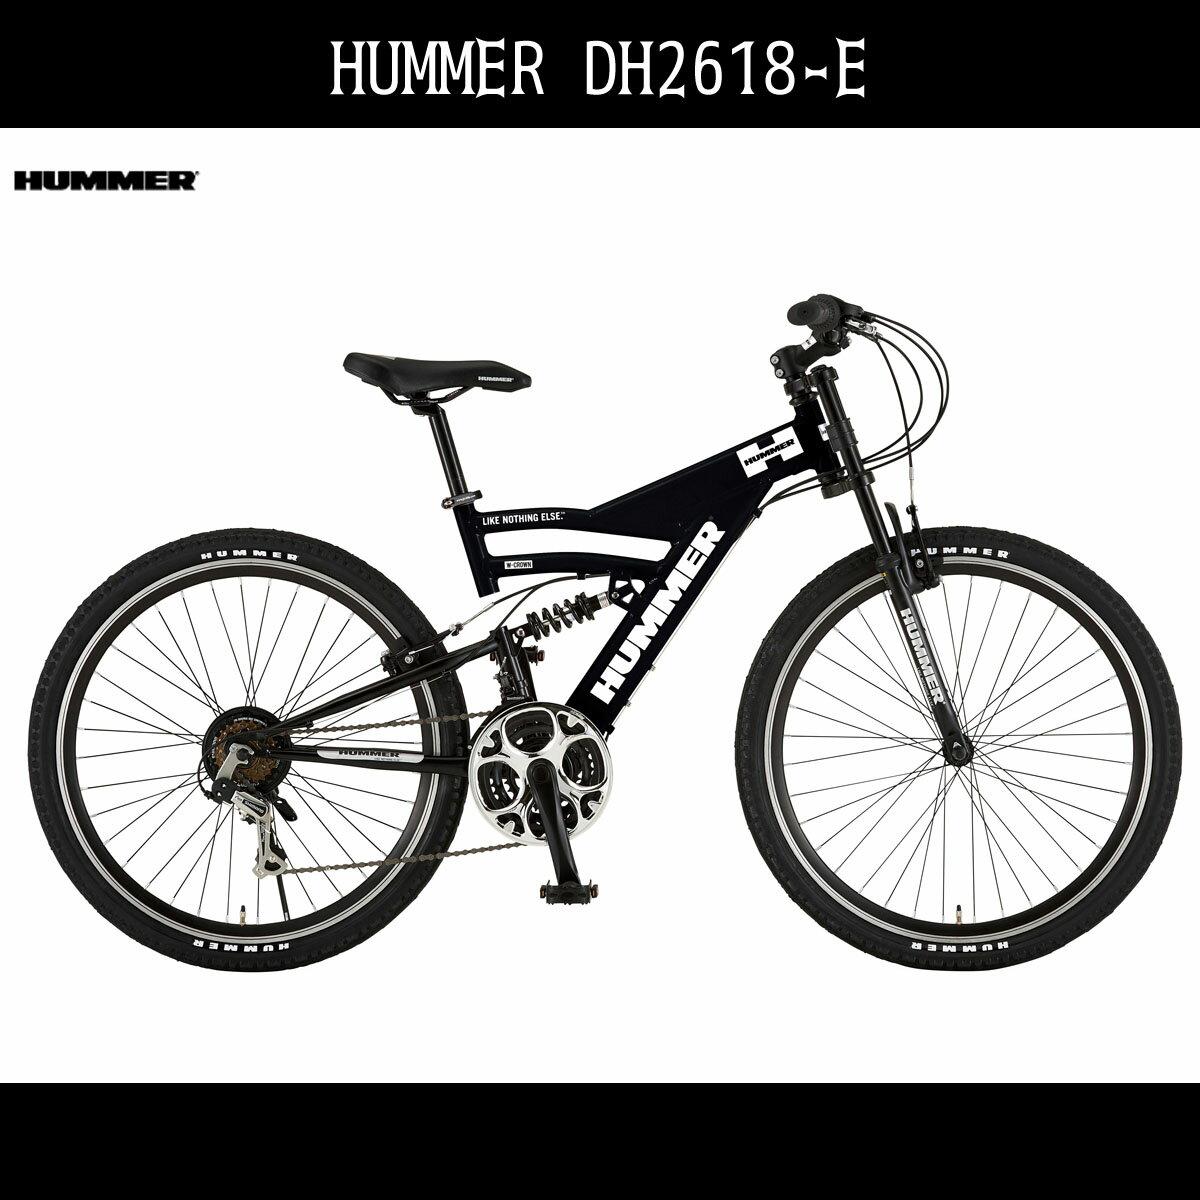 配送先一都三県一部地域限定送料無料 マウンテンバイク ハマー HUMMER 自転車 ブラック 黒 26インチ マウンテンバイク 外装18段変速ギア アルミニウム MTB DH2618-E アルミニウム ハマー 自転車 おしゃれ